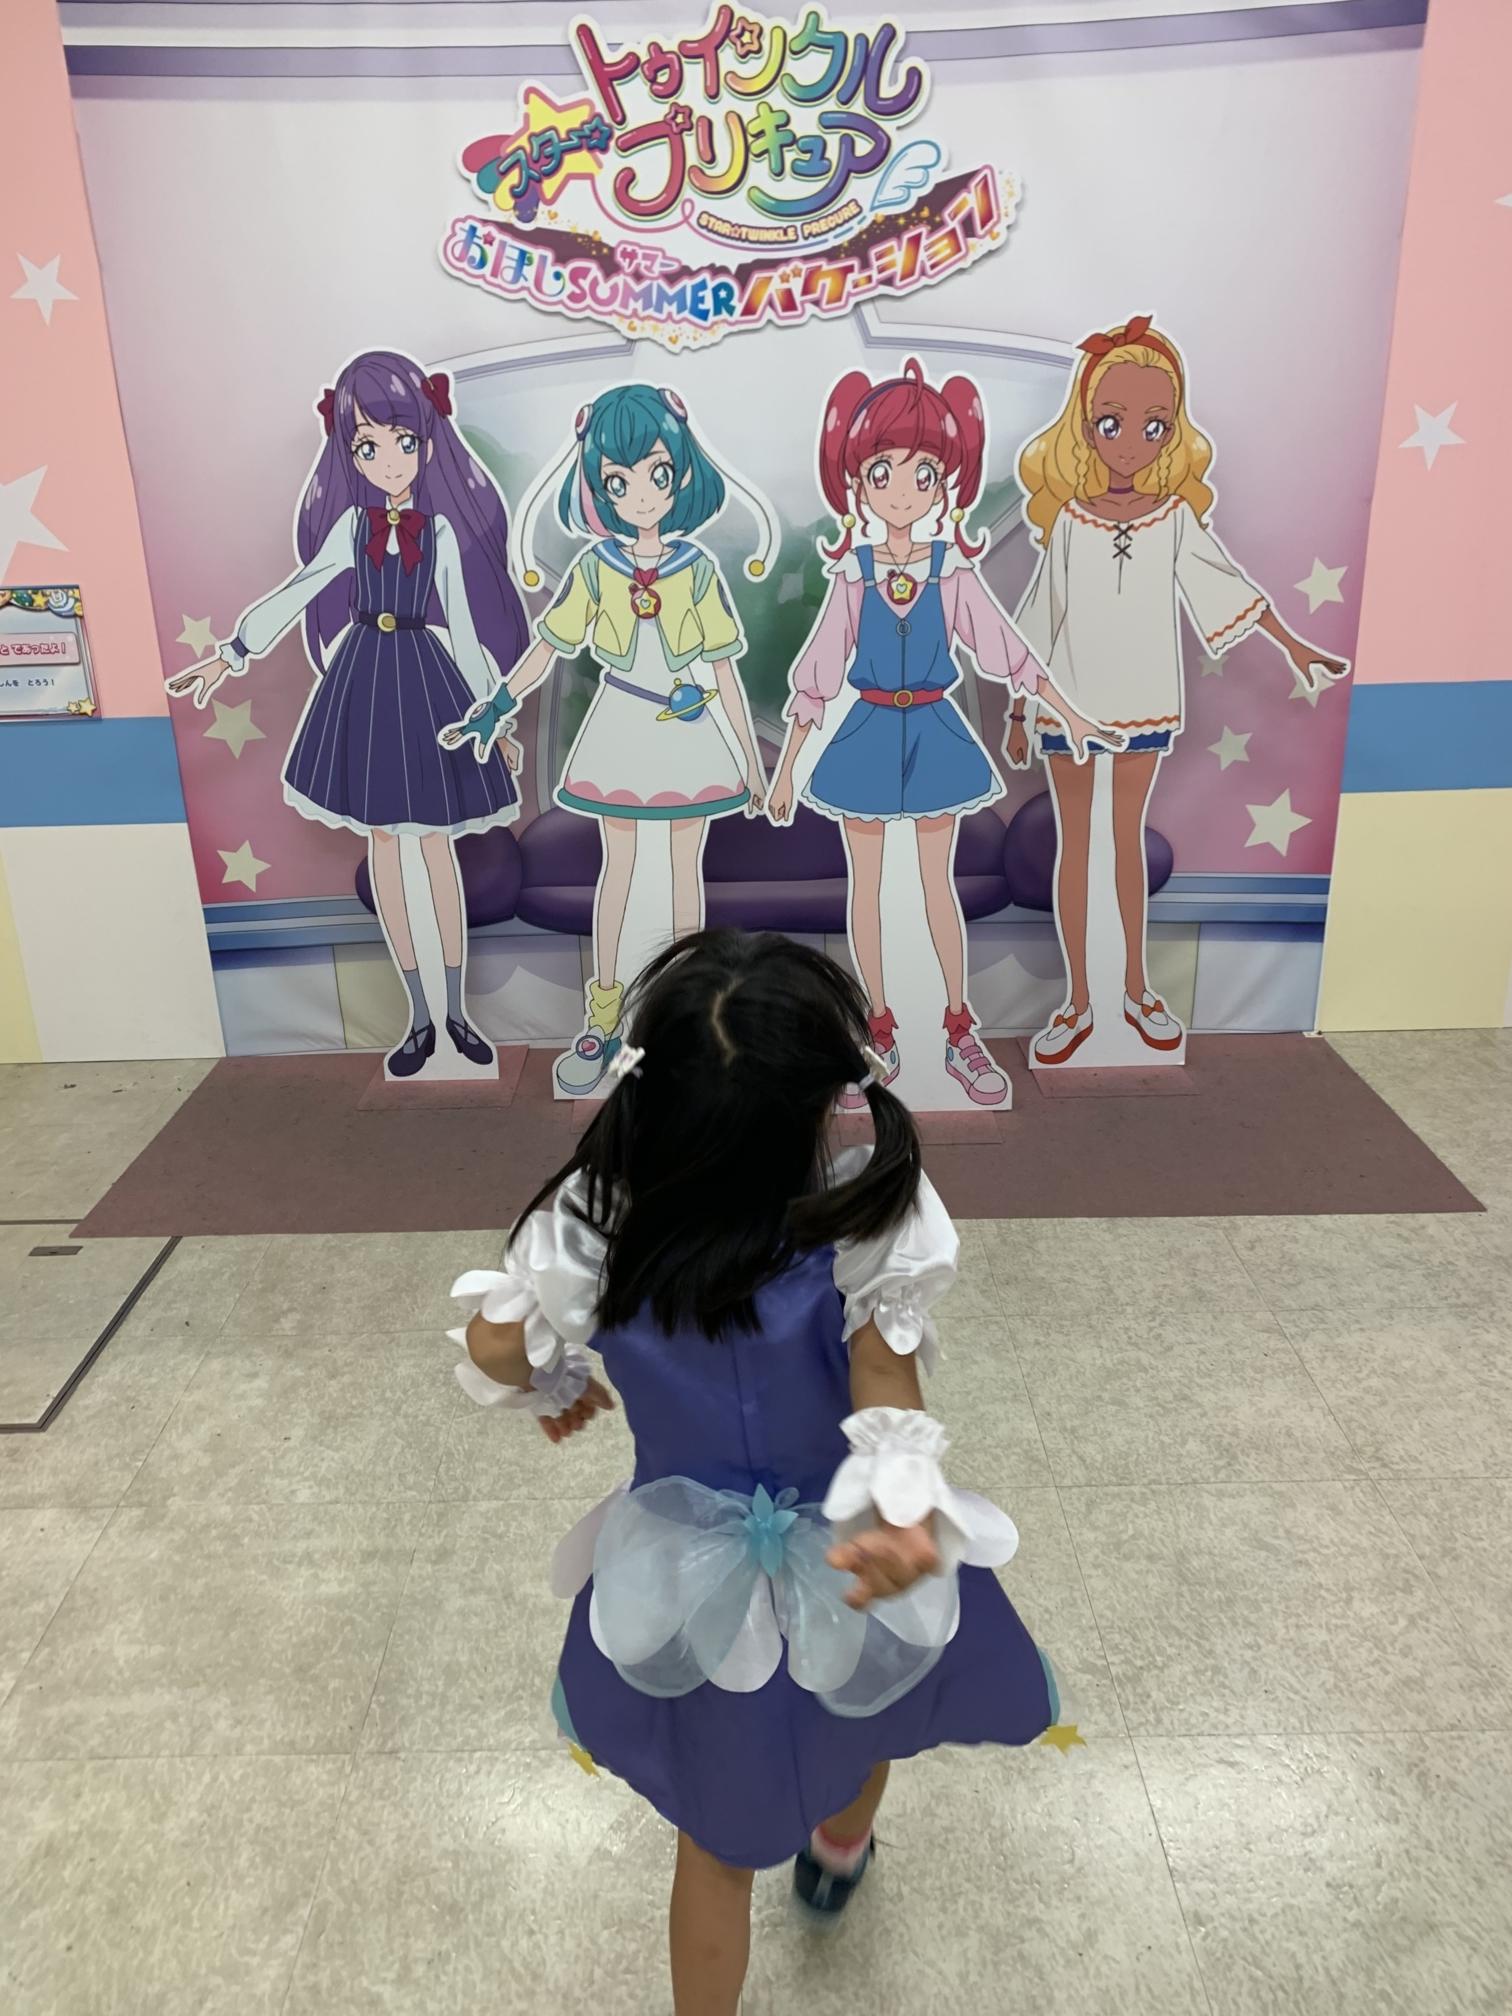 スター☆トゥインクルプリキュア おほしSUMMERバケーションでプリキュア4人と撮影